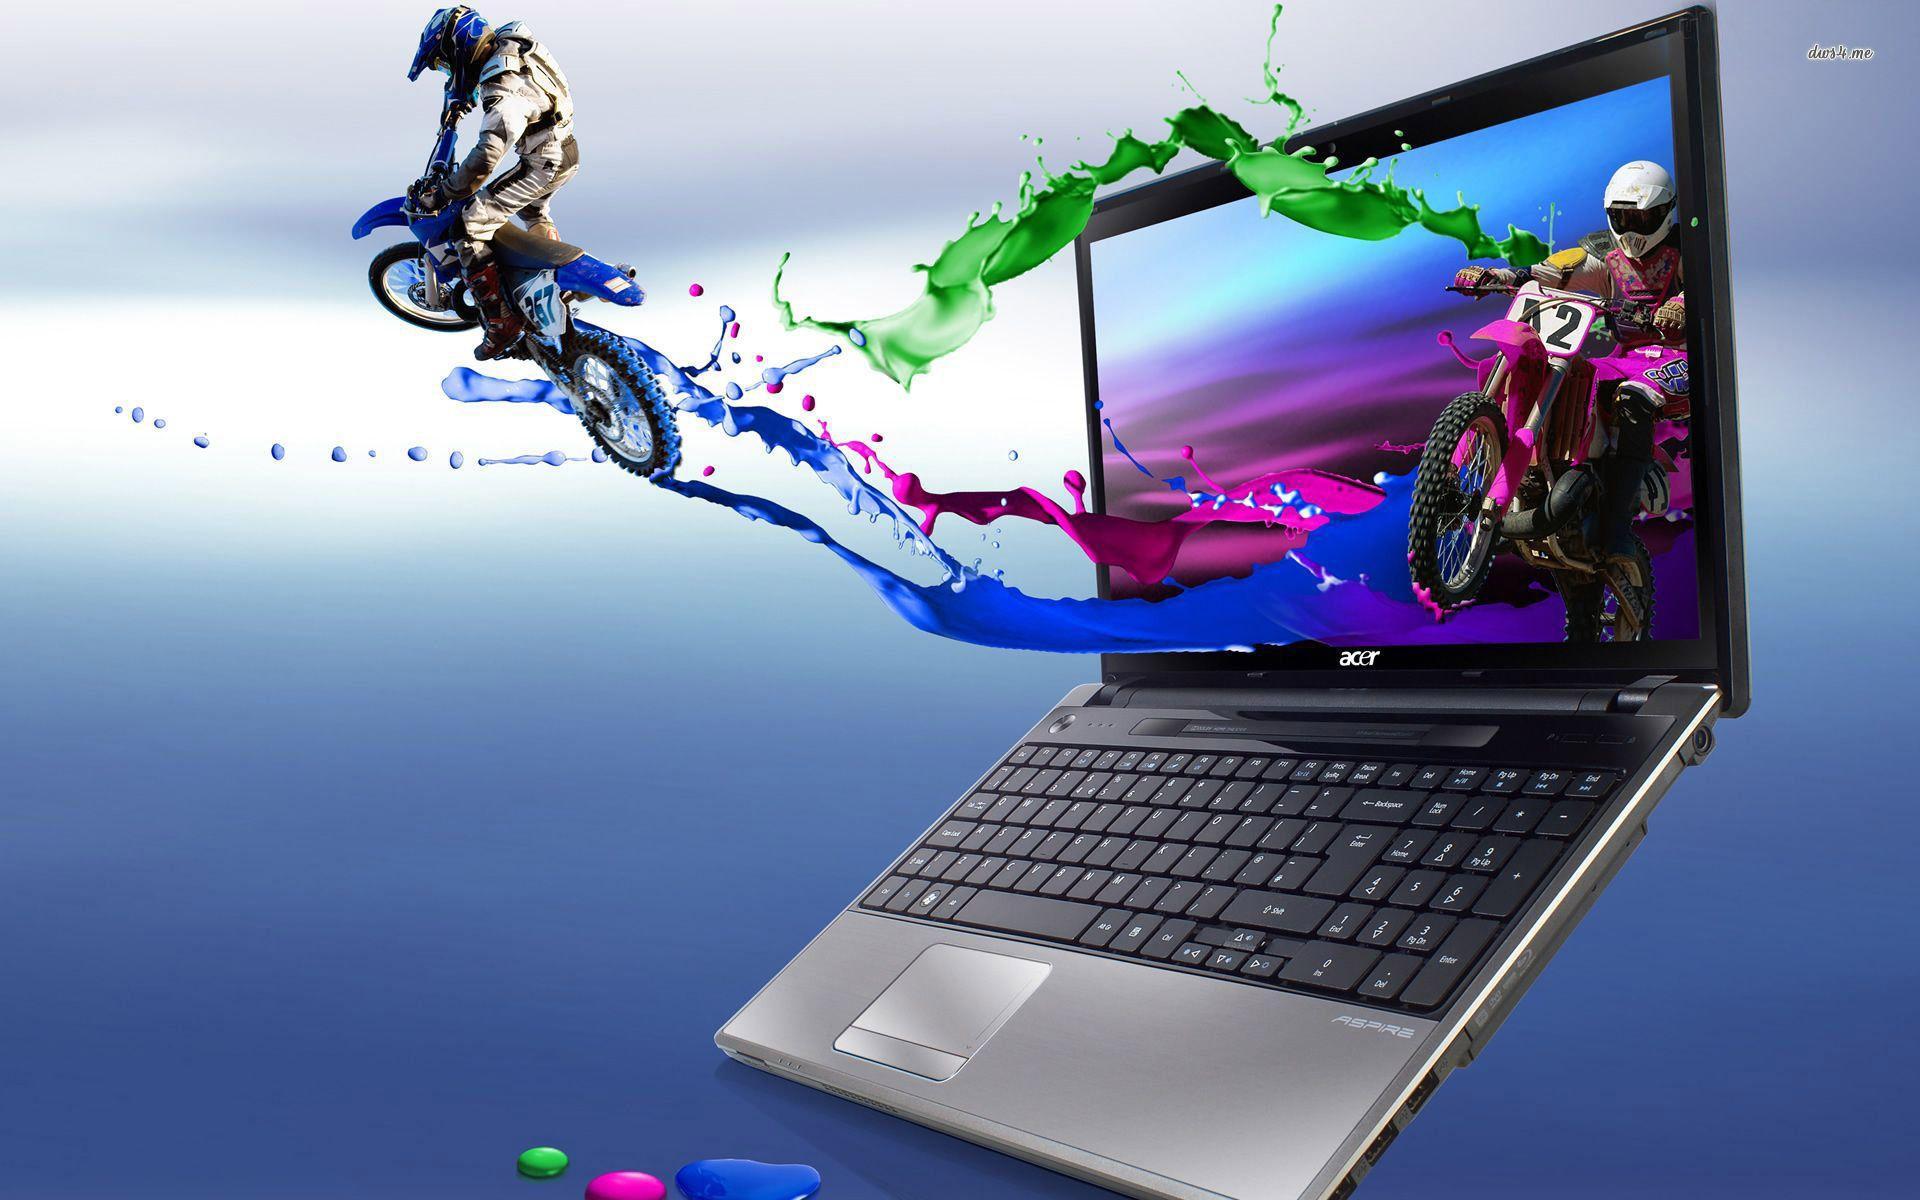 Wallpapers Keren Untuk Laptop Acer Wallpaper Cave